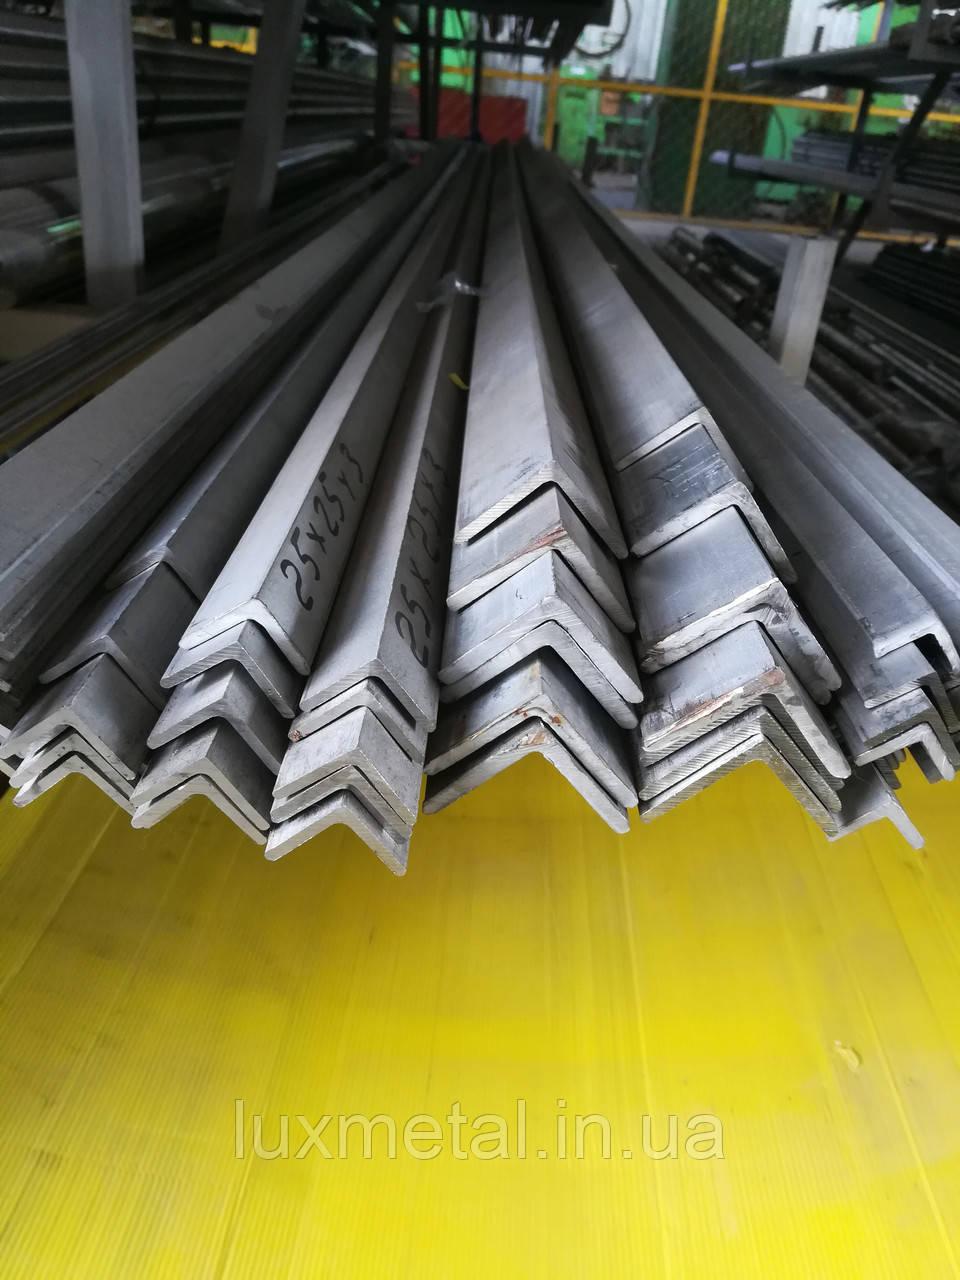 Уголок нержавеющий 30х30х3,0 мм AISI 304